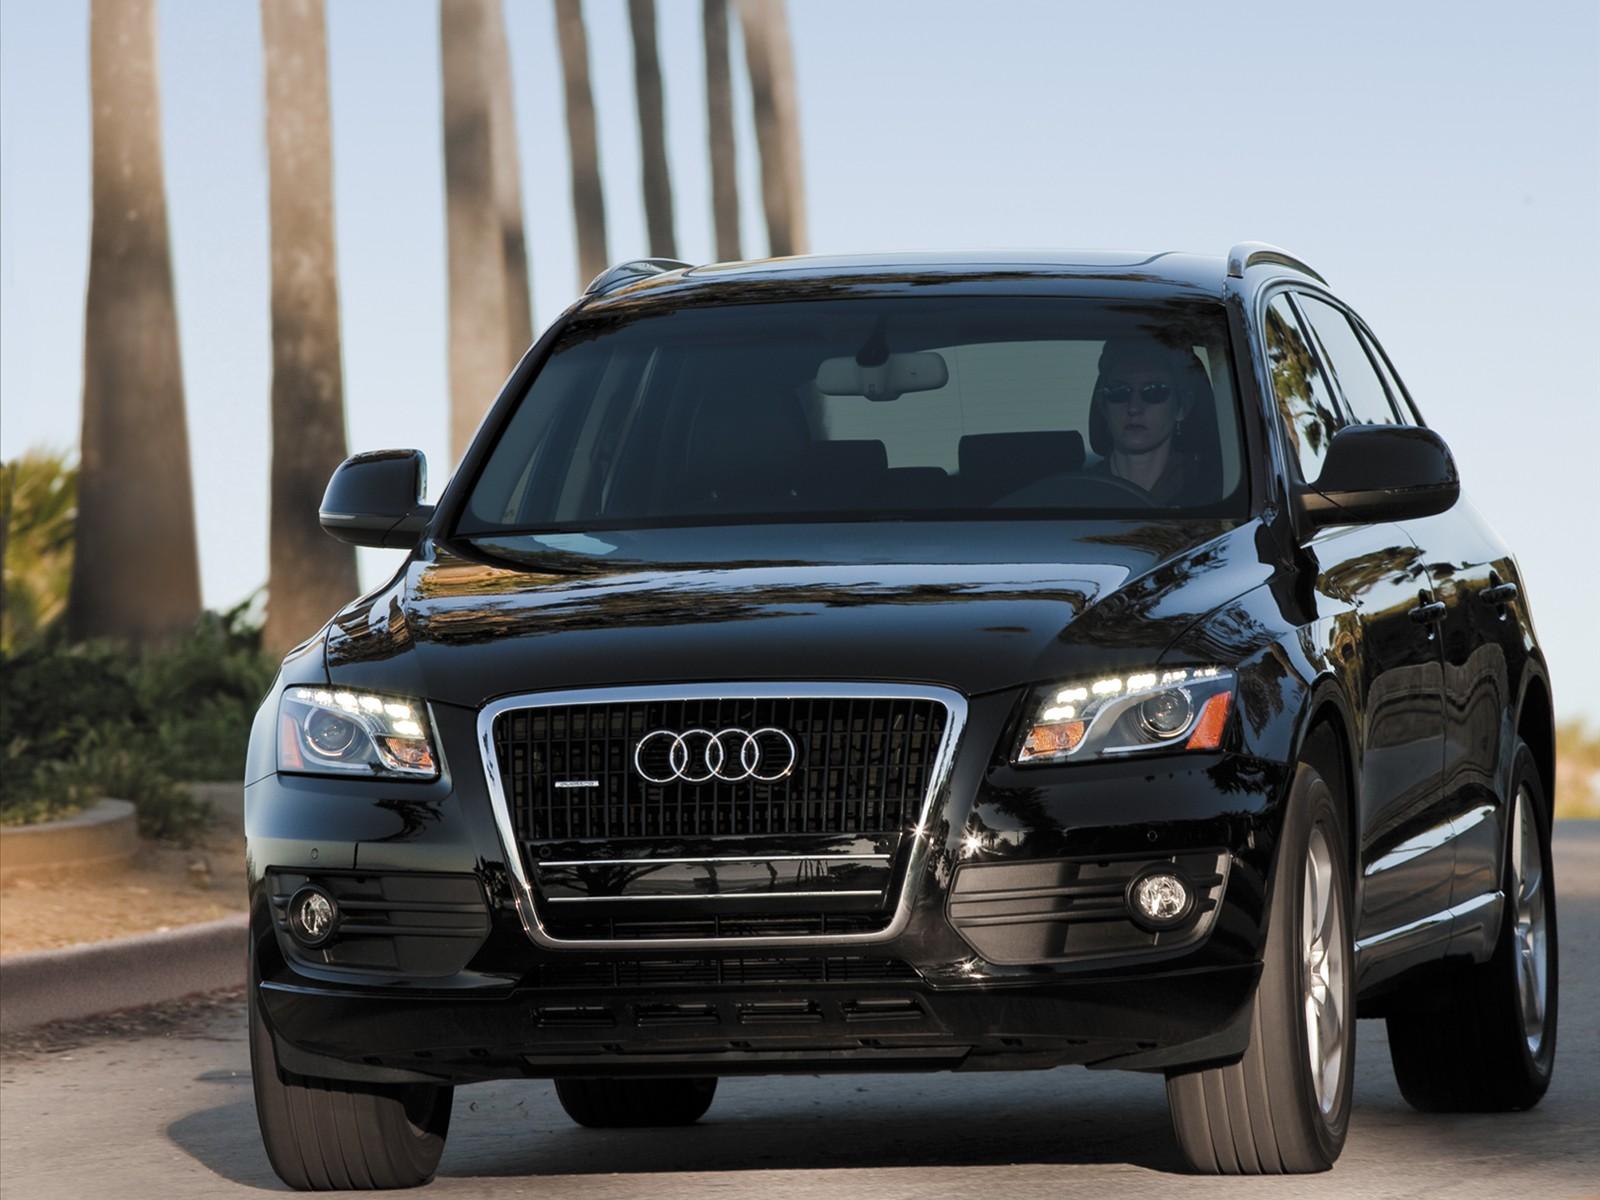 http://4.bp.blogspot.com/_J3_liDBfbvs/S-WQrVC30JI/AAAAAAAAqsY/3FApdhsp2Jc/s1600/2010-Audi-Q5-Front-View.jpg